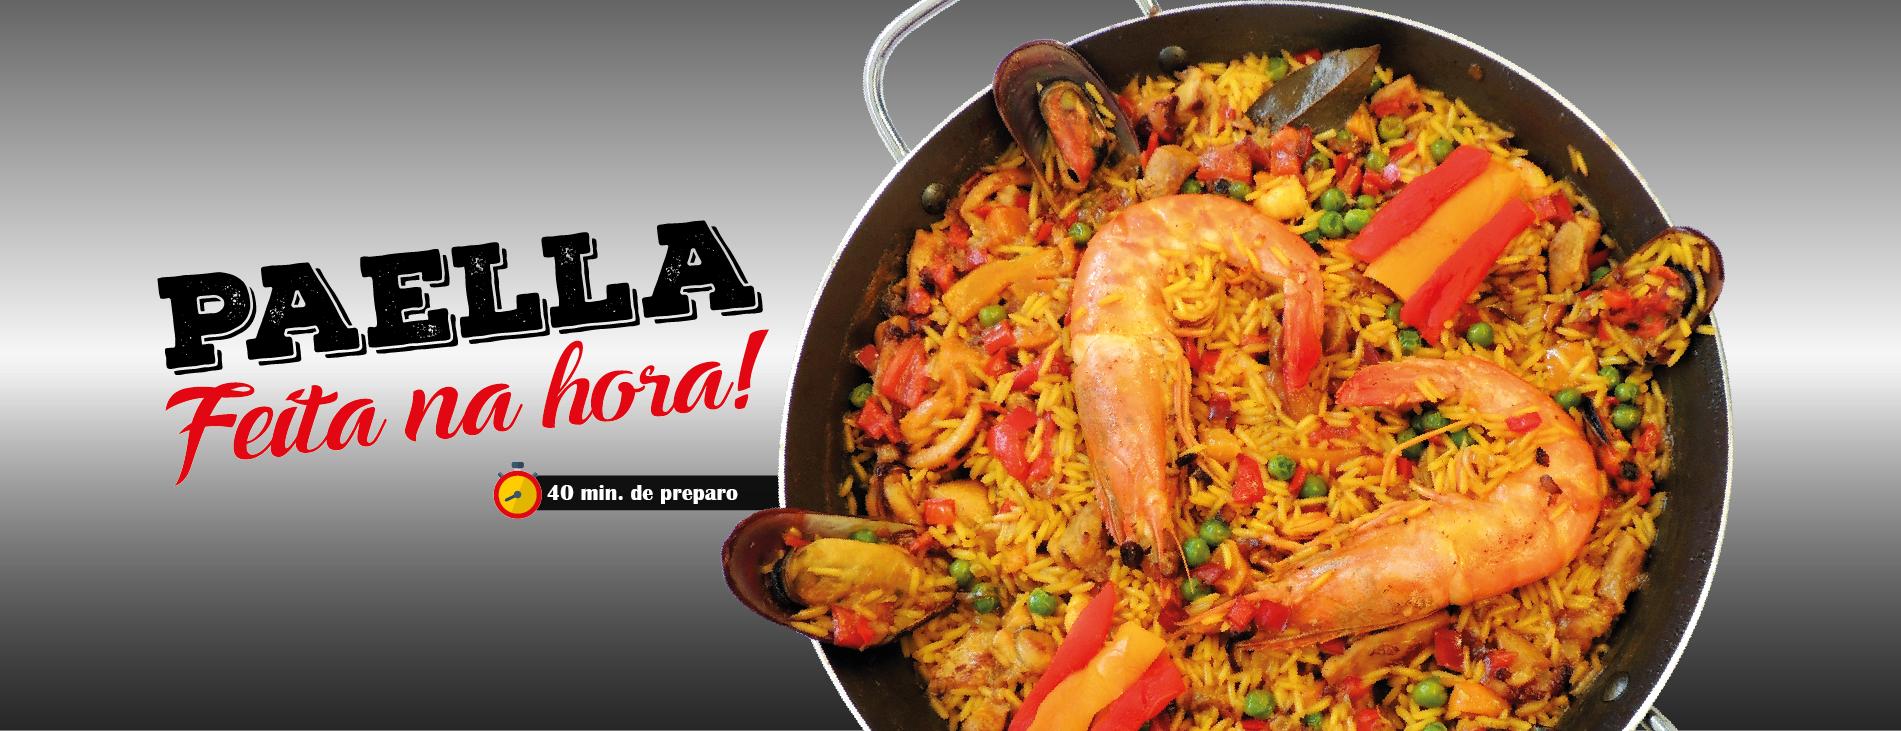 Paella_capa-caribe